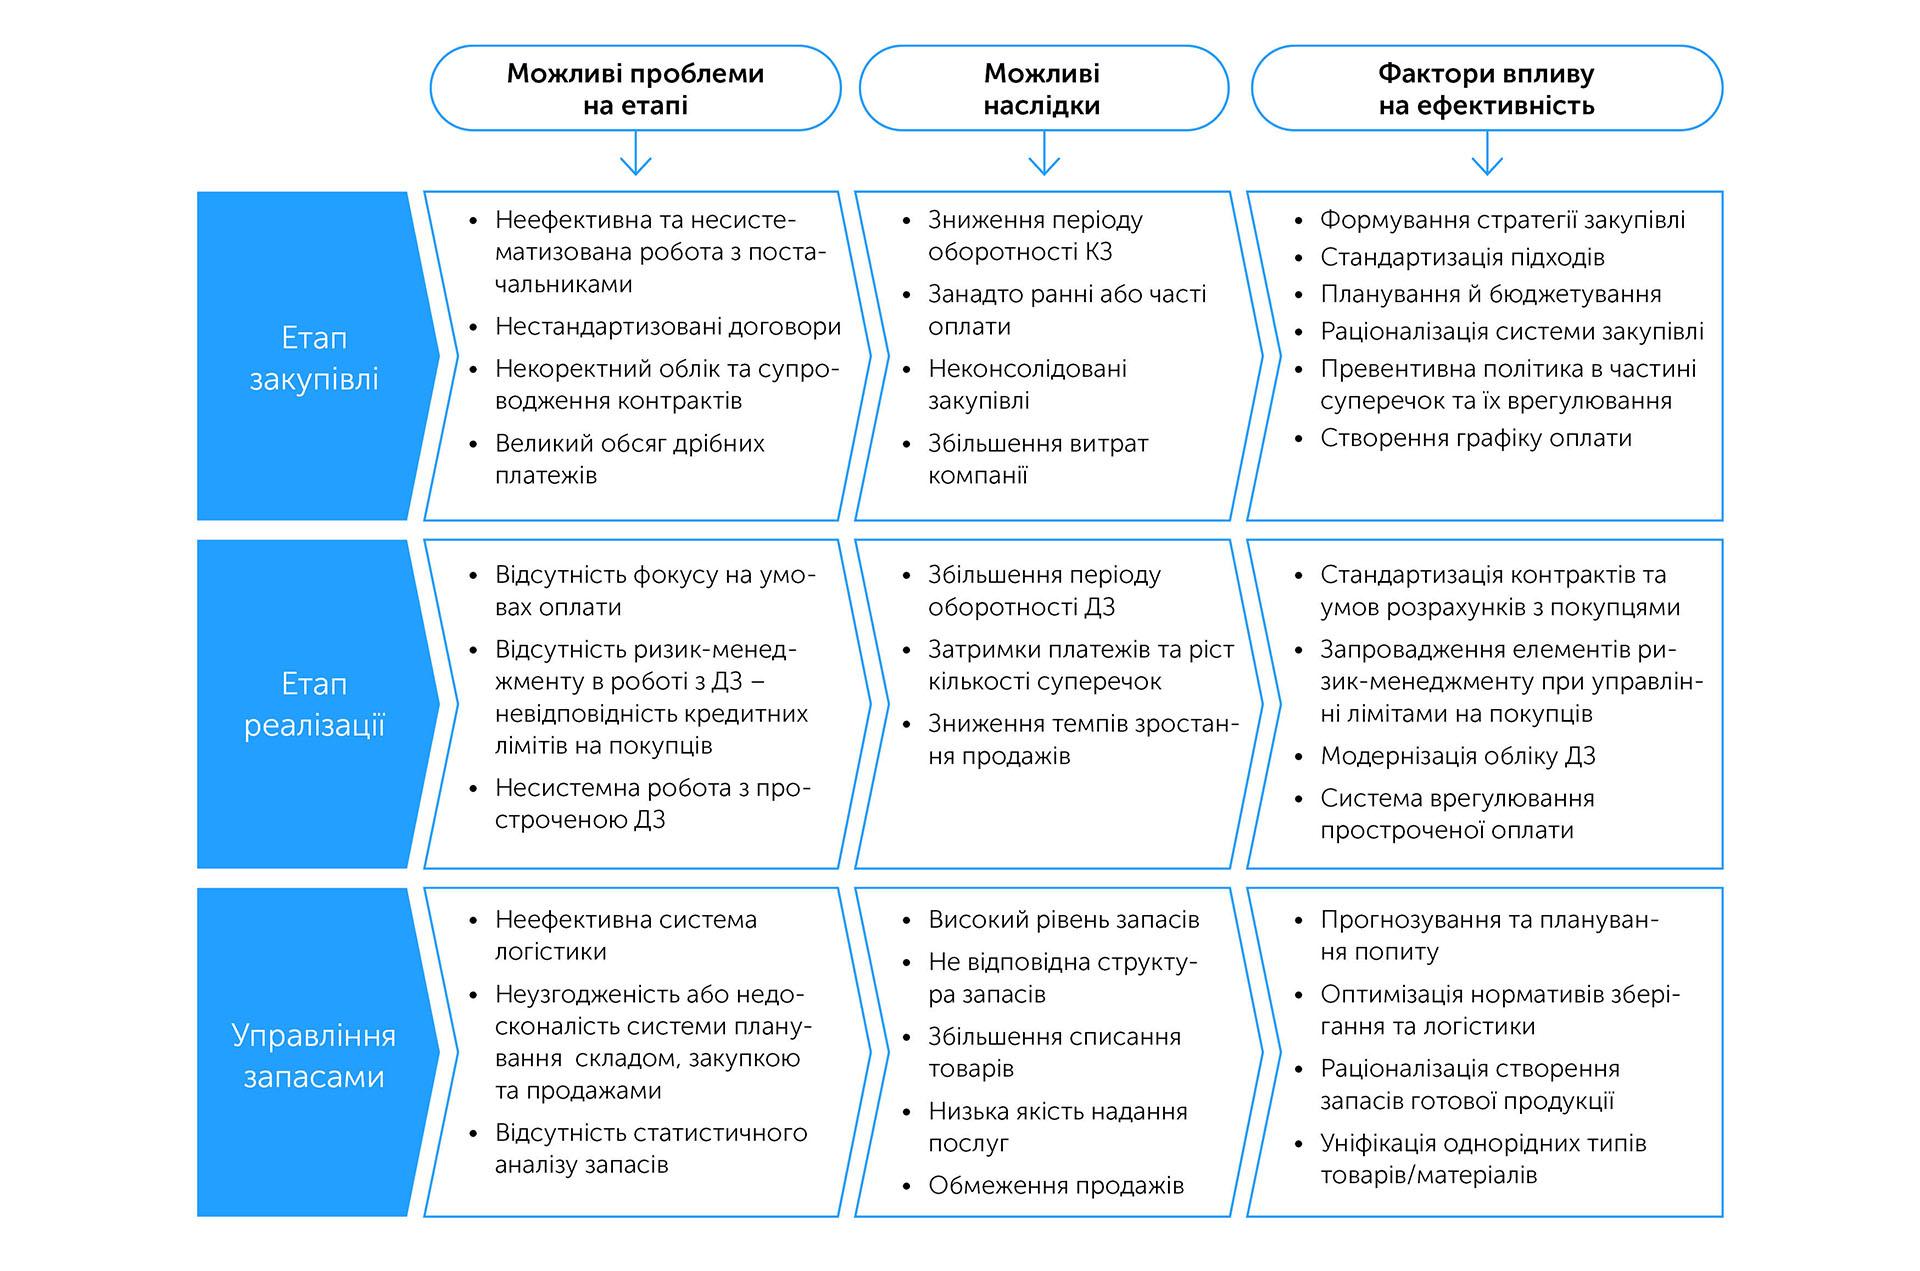 Бізнес: підготовка до зростання | Kyivstar Business Hub зображення №35